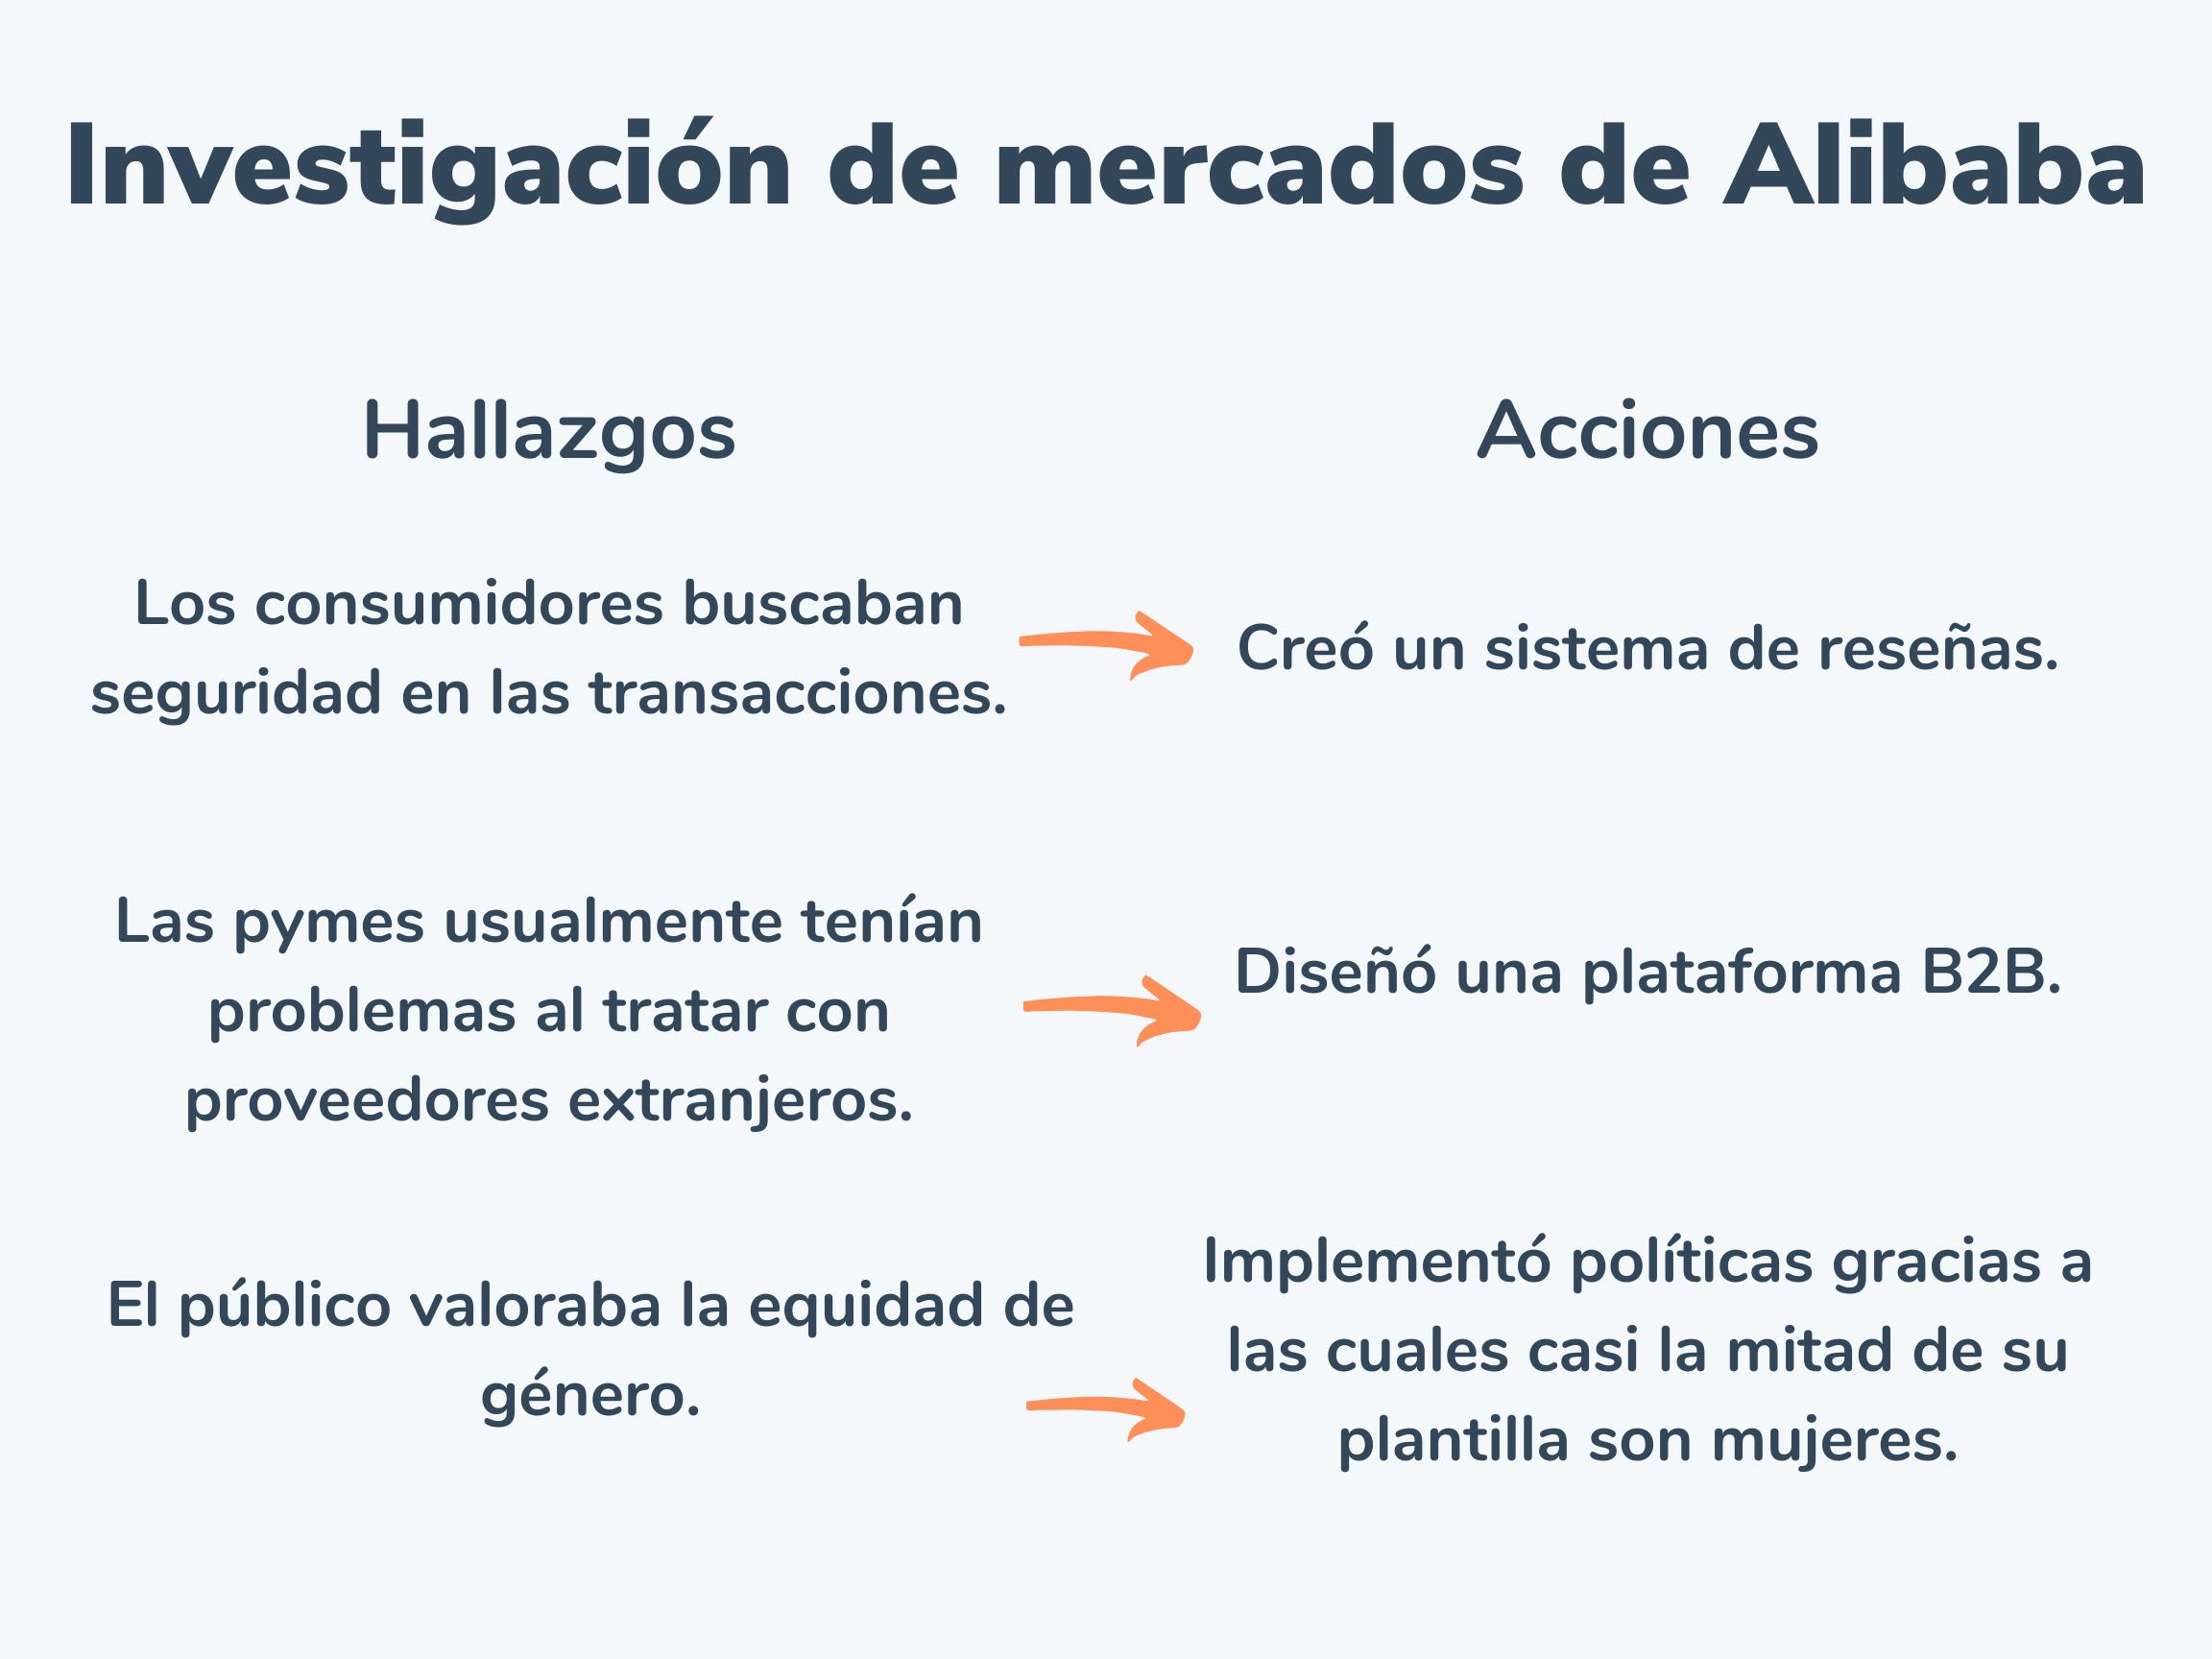 Ejemplo de investigación de mercados de Alibaba